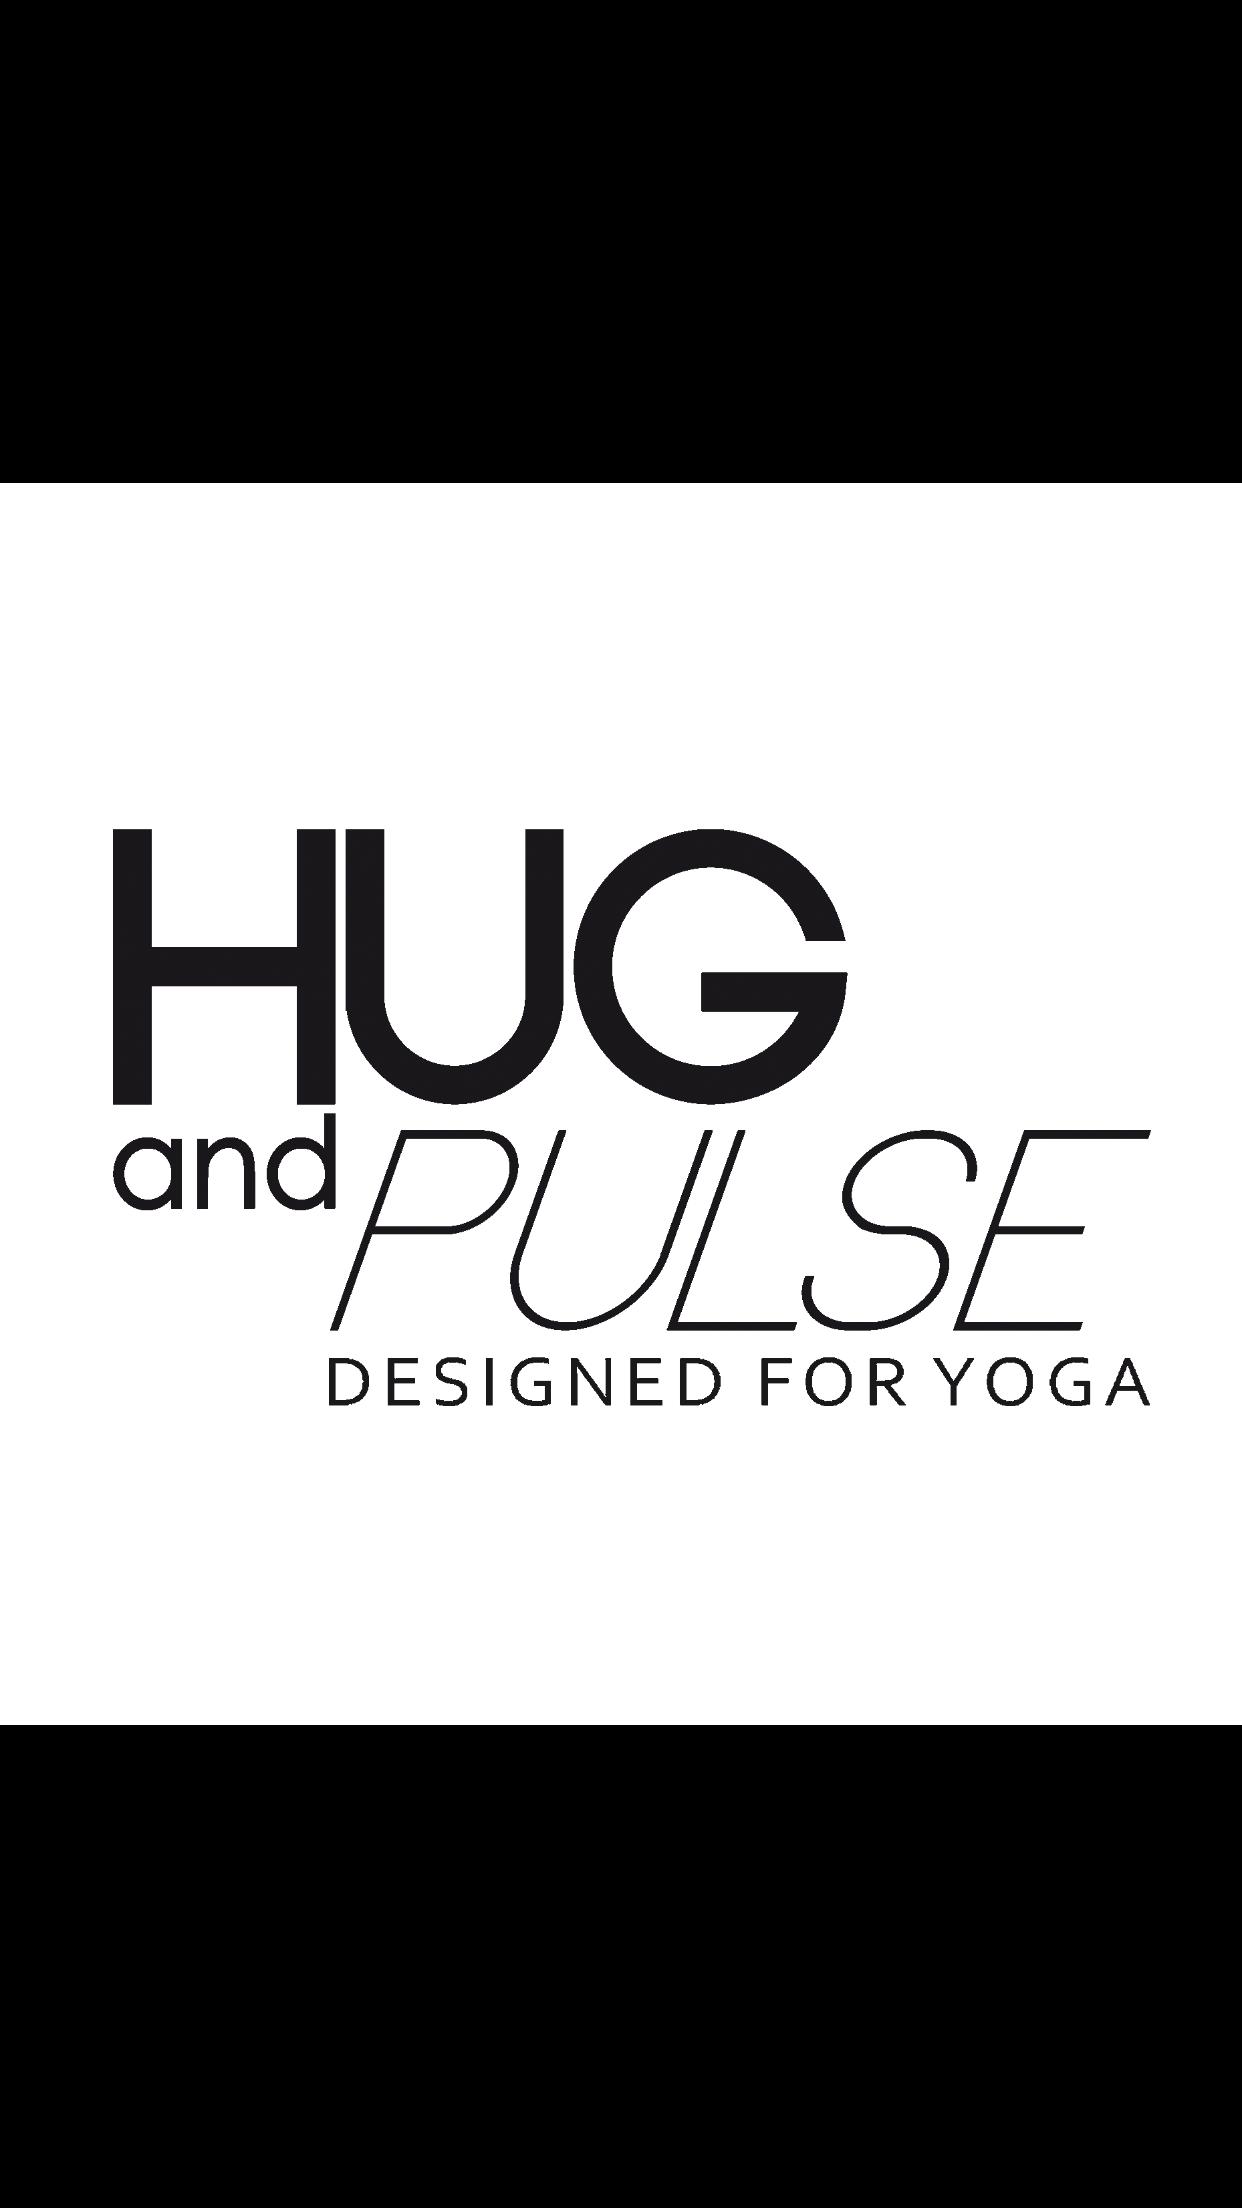 Hug and Pulse